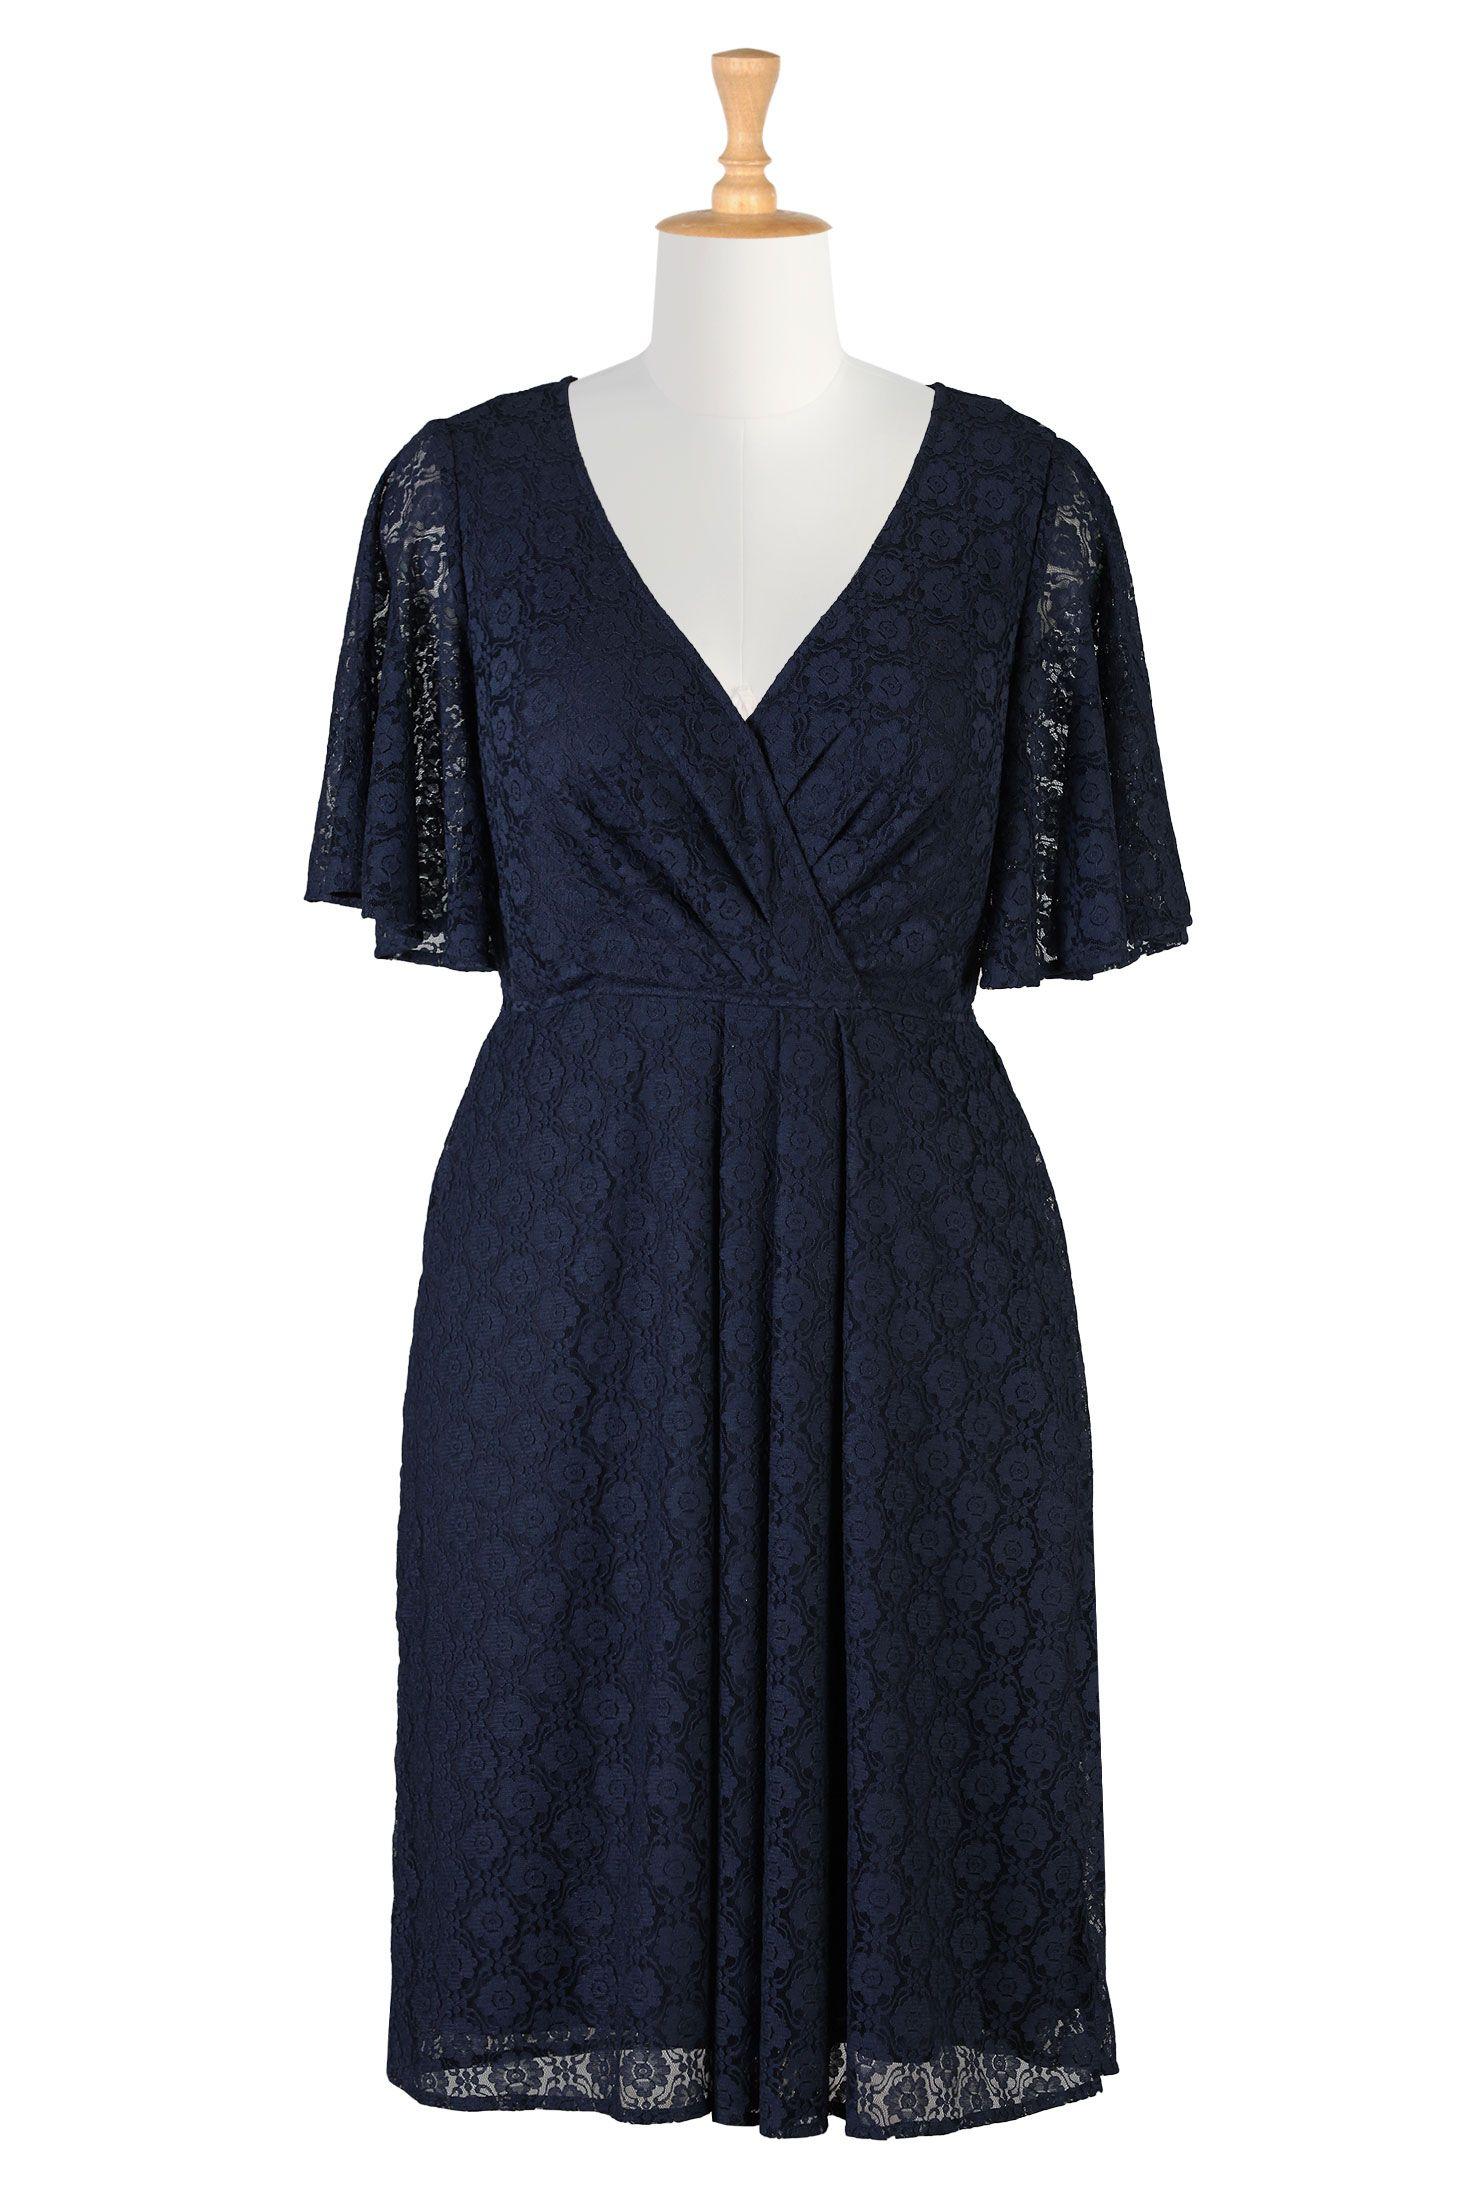 Blue Bridesmaids Dresses, Floral Lace Surplice Dresses Shop womens designer clothes - Shirtdresses - Shop for shirtdresses | eShakti.com